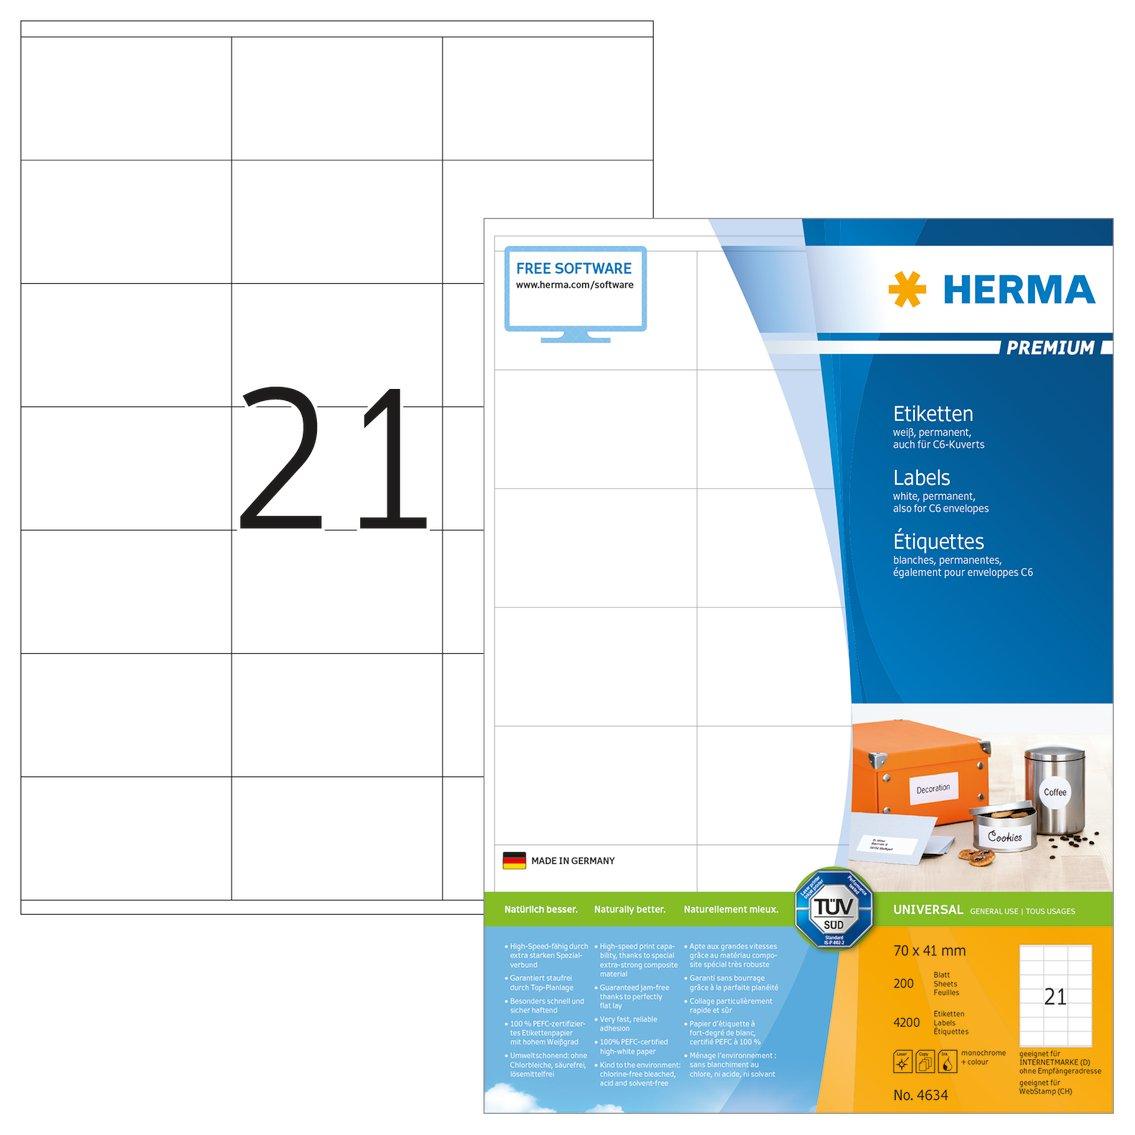 HERMA Premium - Permanent self-adhesive matte laminated paper labels - weiß